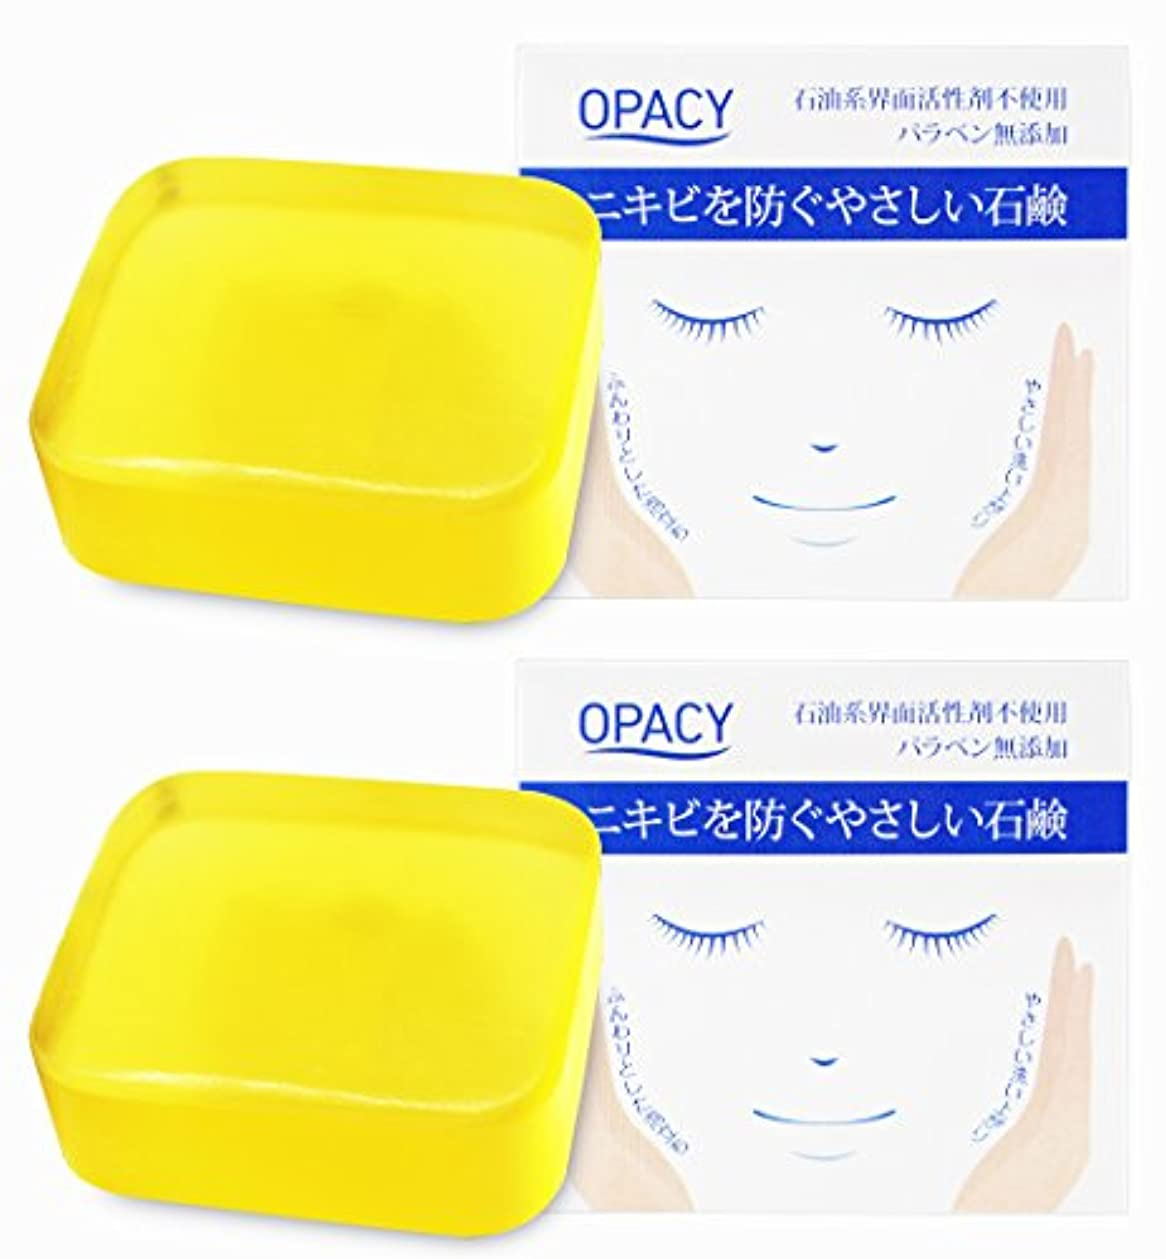 ほとんどの場合はぁの間で【2個セット】オパシー石鹸100g (2個)